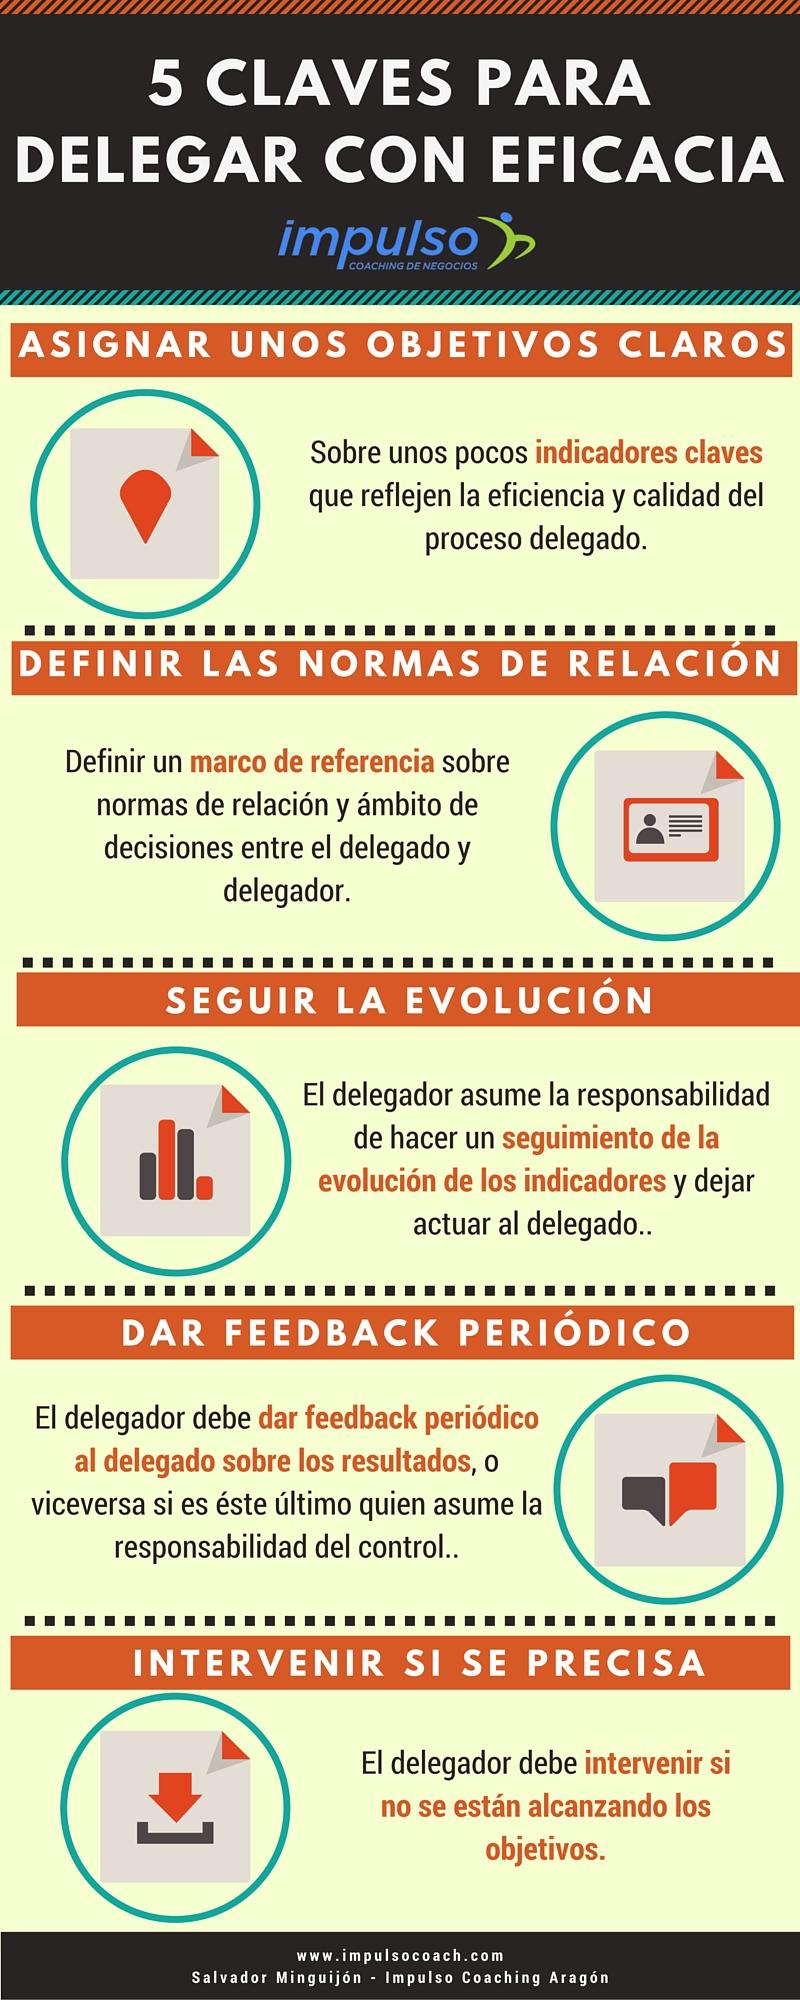 5 claves para delegar con eficacia